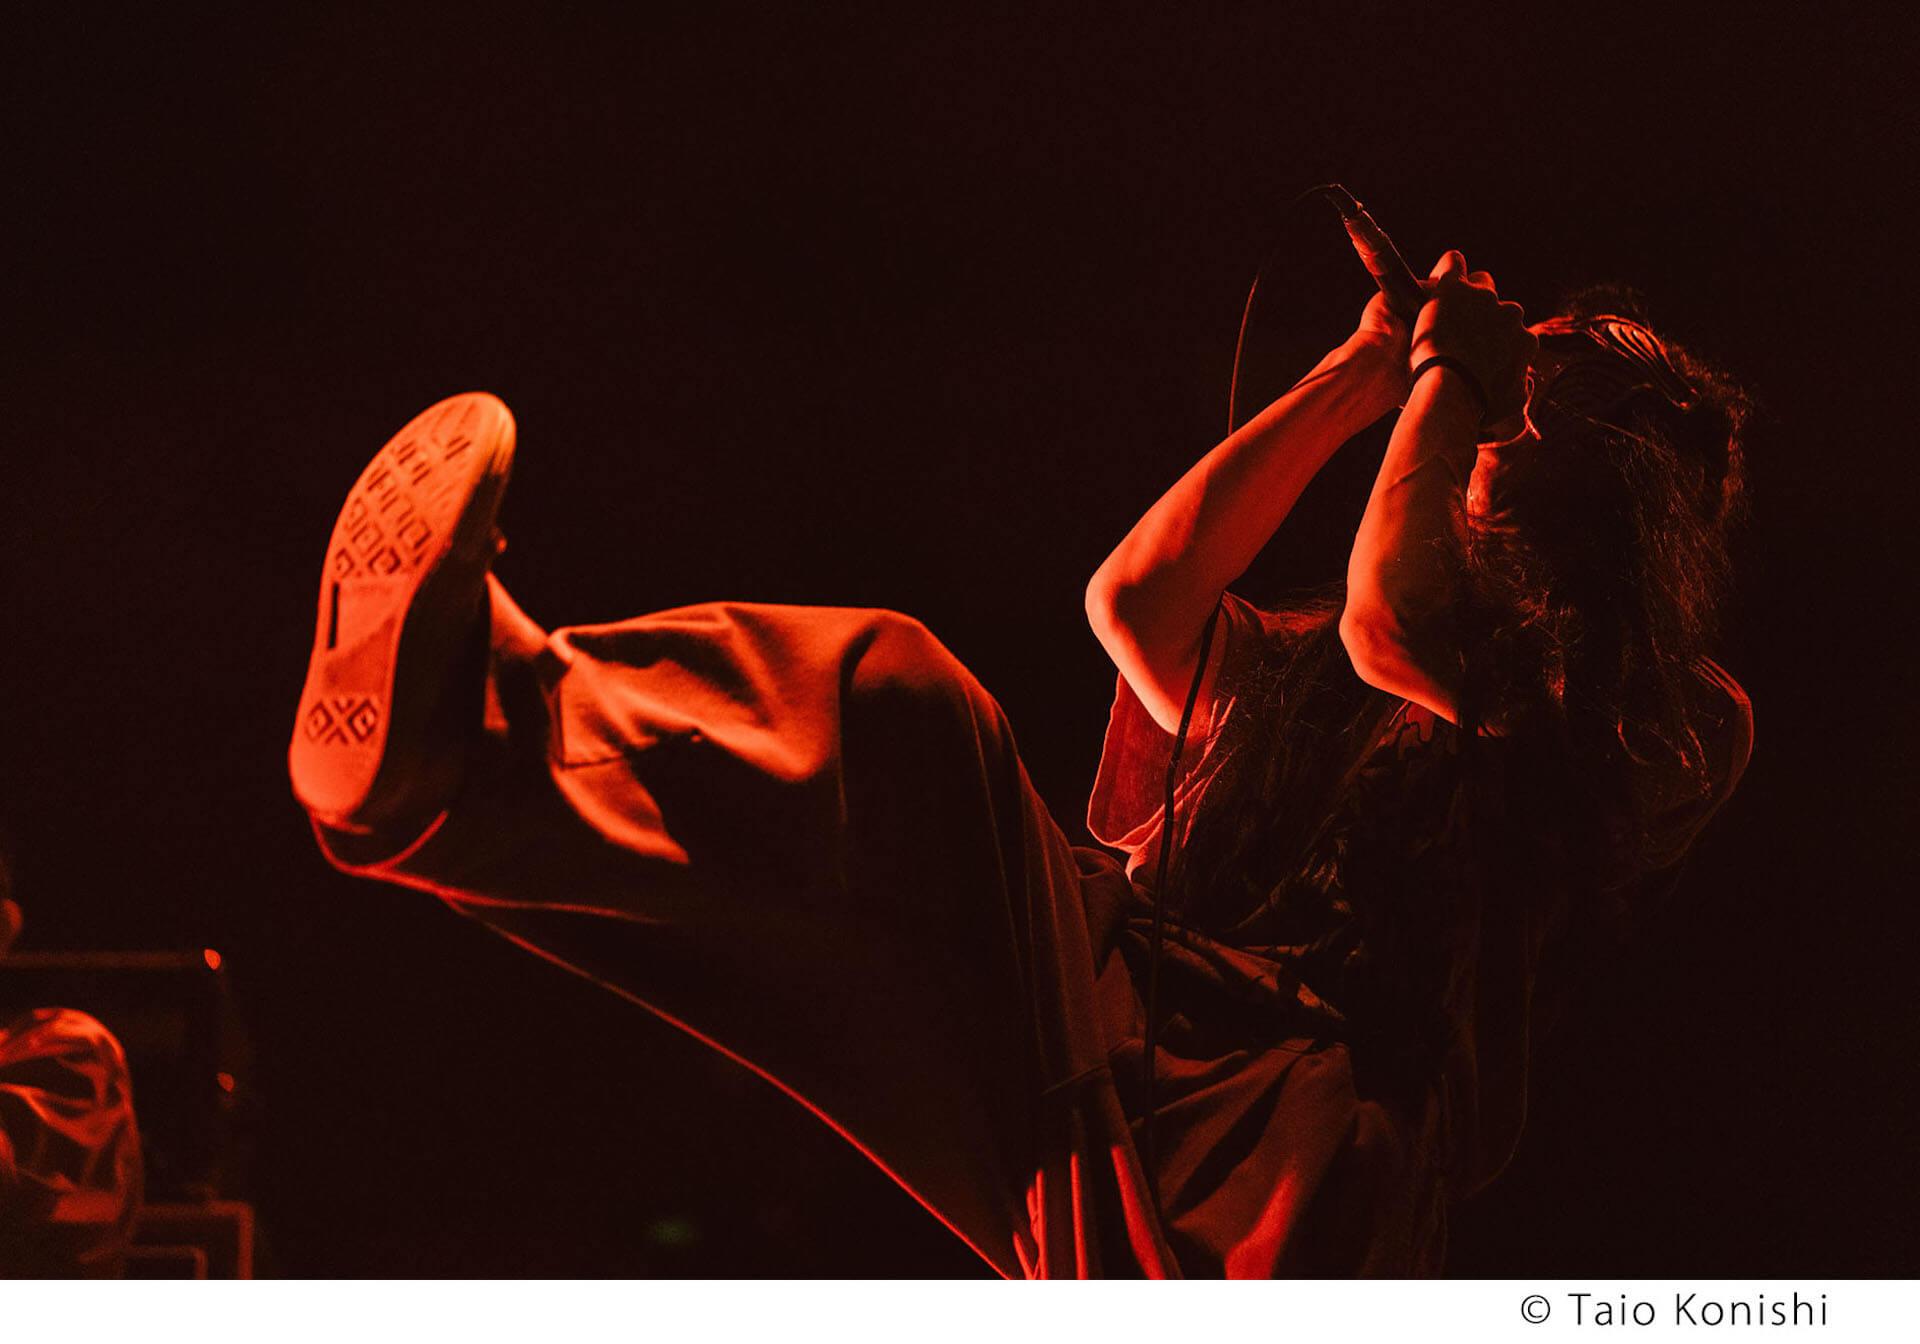 折坂悠太、カネコアヤノ、PUNPEEらが熱演!<KEEP ON FUJI ROCKIN' II >のオフィシャルレポートが公開 music210107_fujirock-011